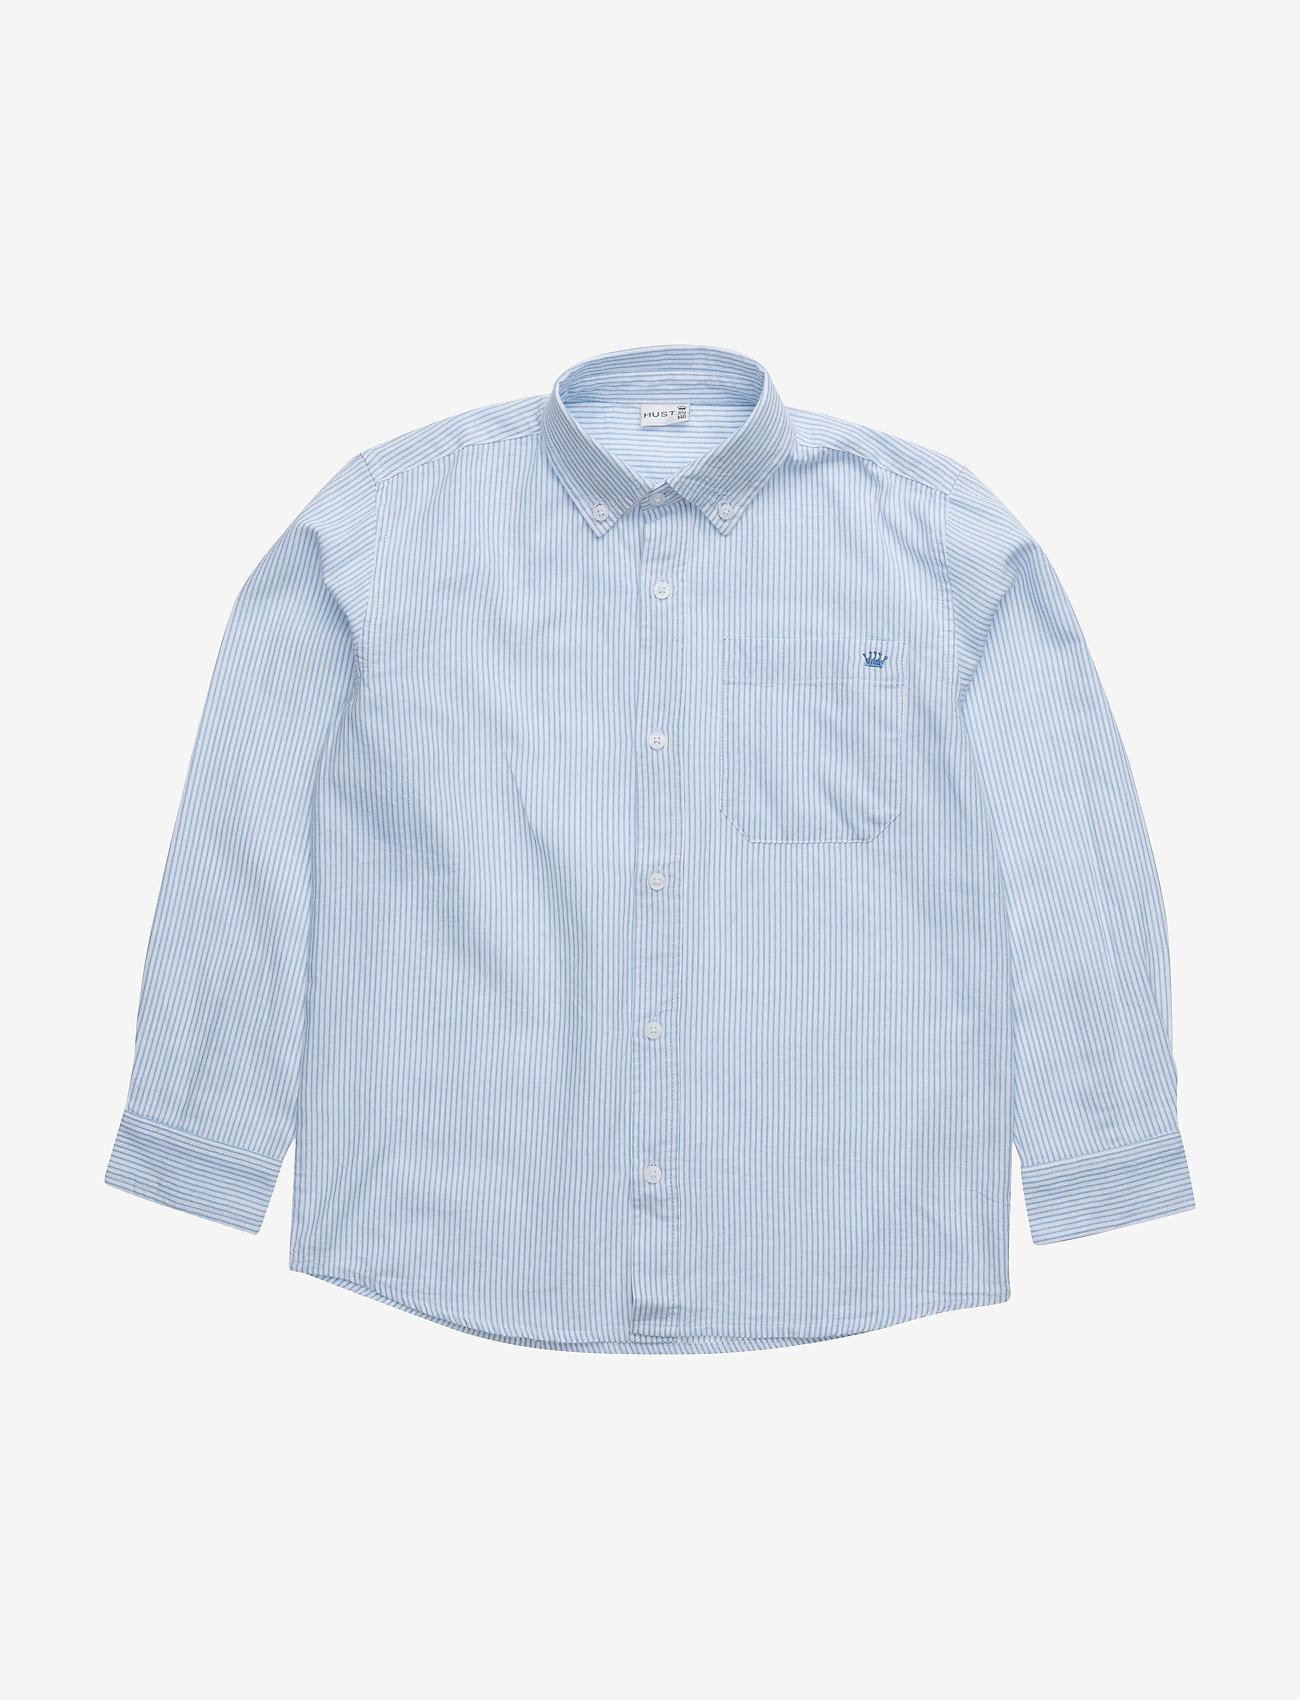 Hust & Claire - Ruben - Shirt - overhemden - light blue - 0